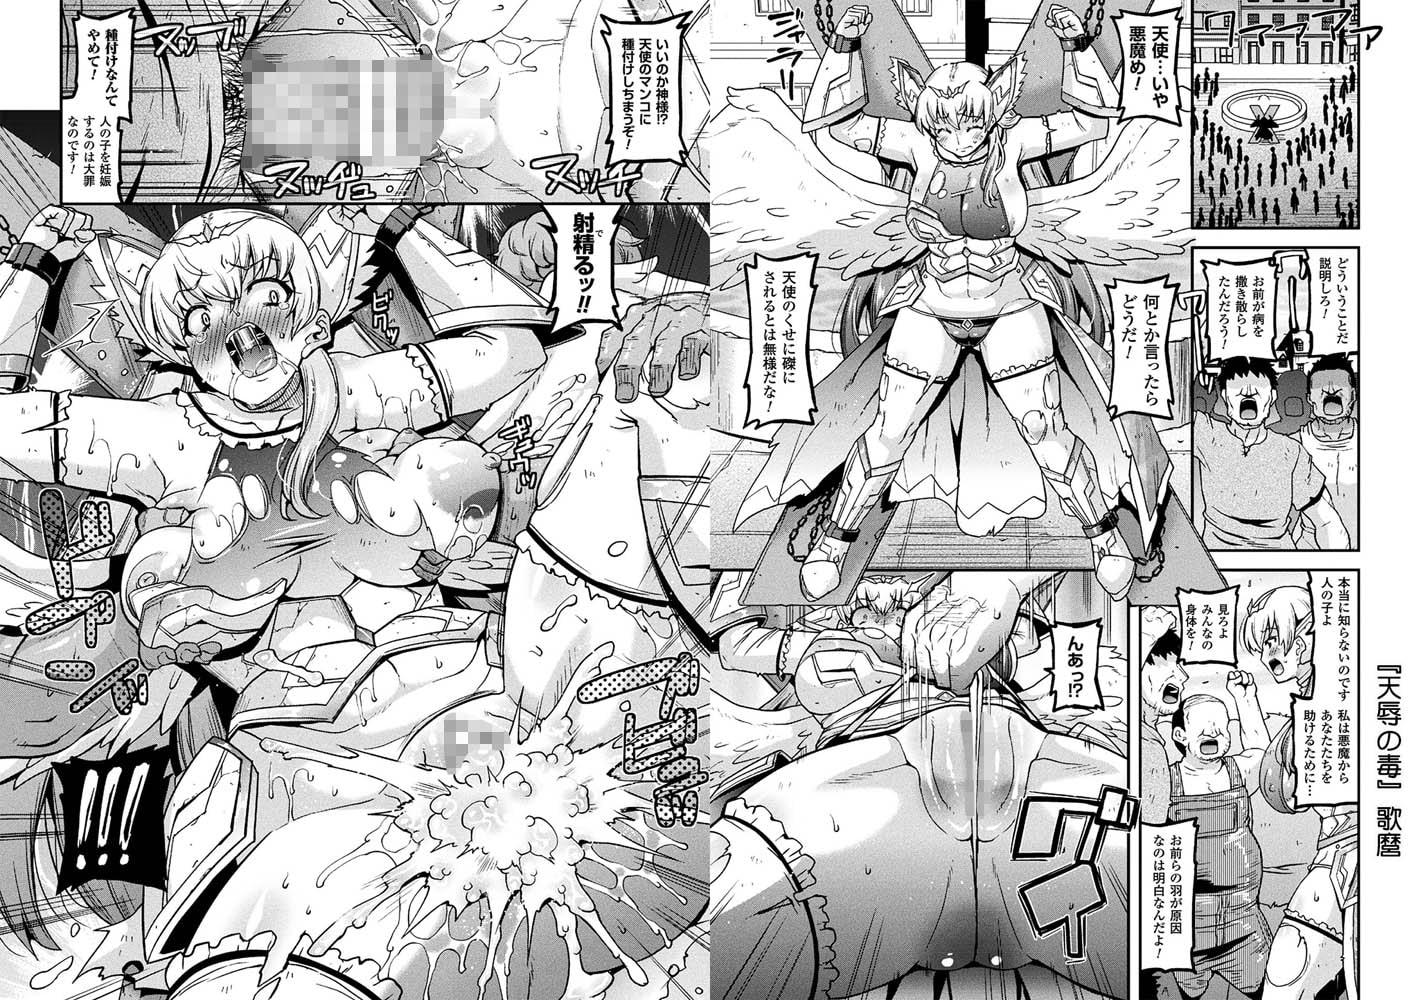 二次元コミックマガジン 磔にされたヒロインを極太男根で絶頂杭打ち! Vol.2